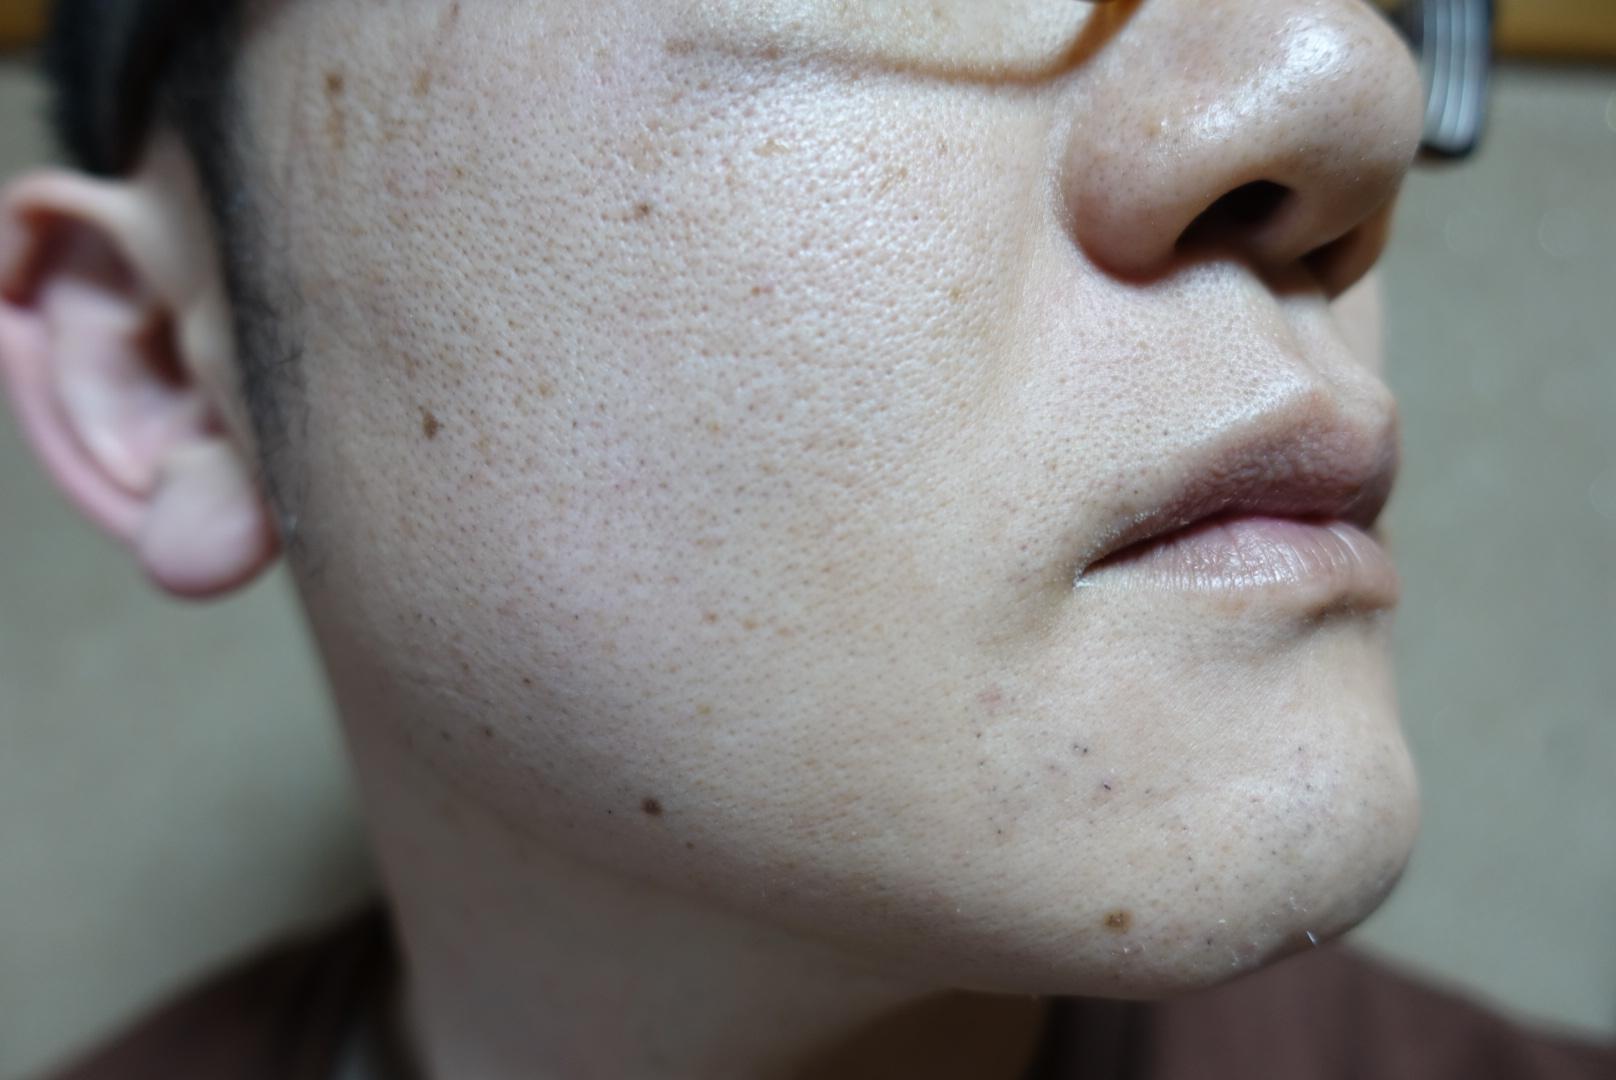 メンズリゼでヒゲ脱毛13回目施術3日後-側面(右)